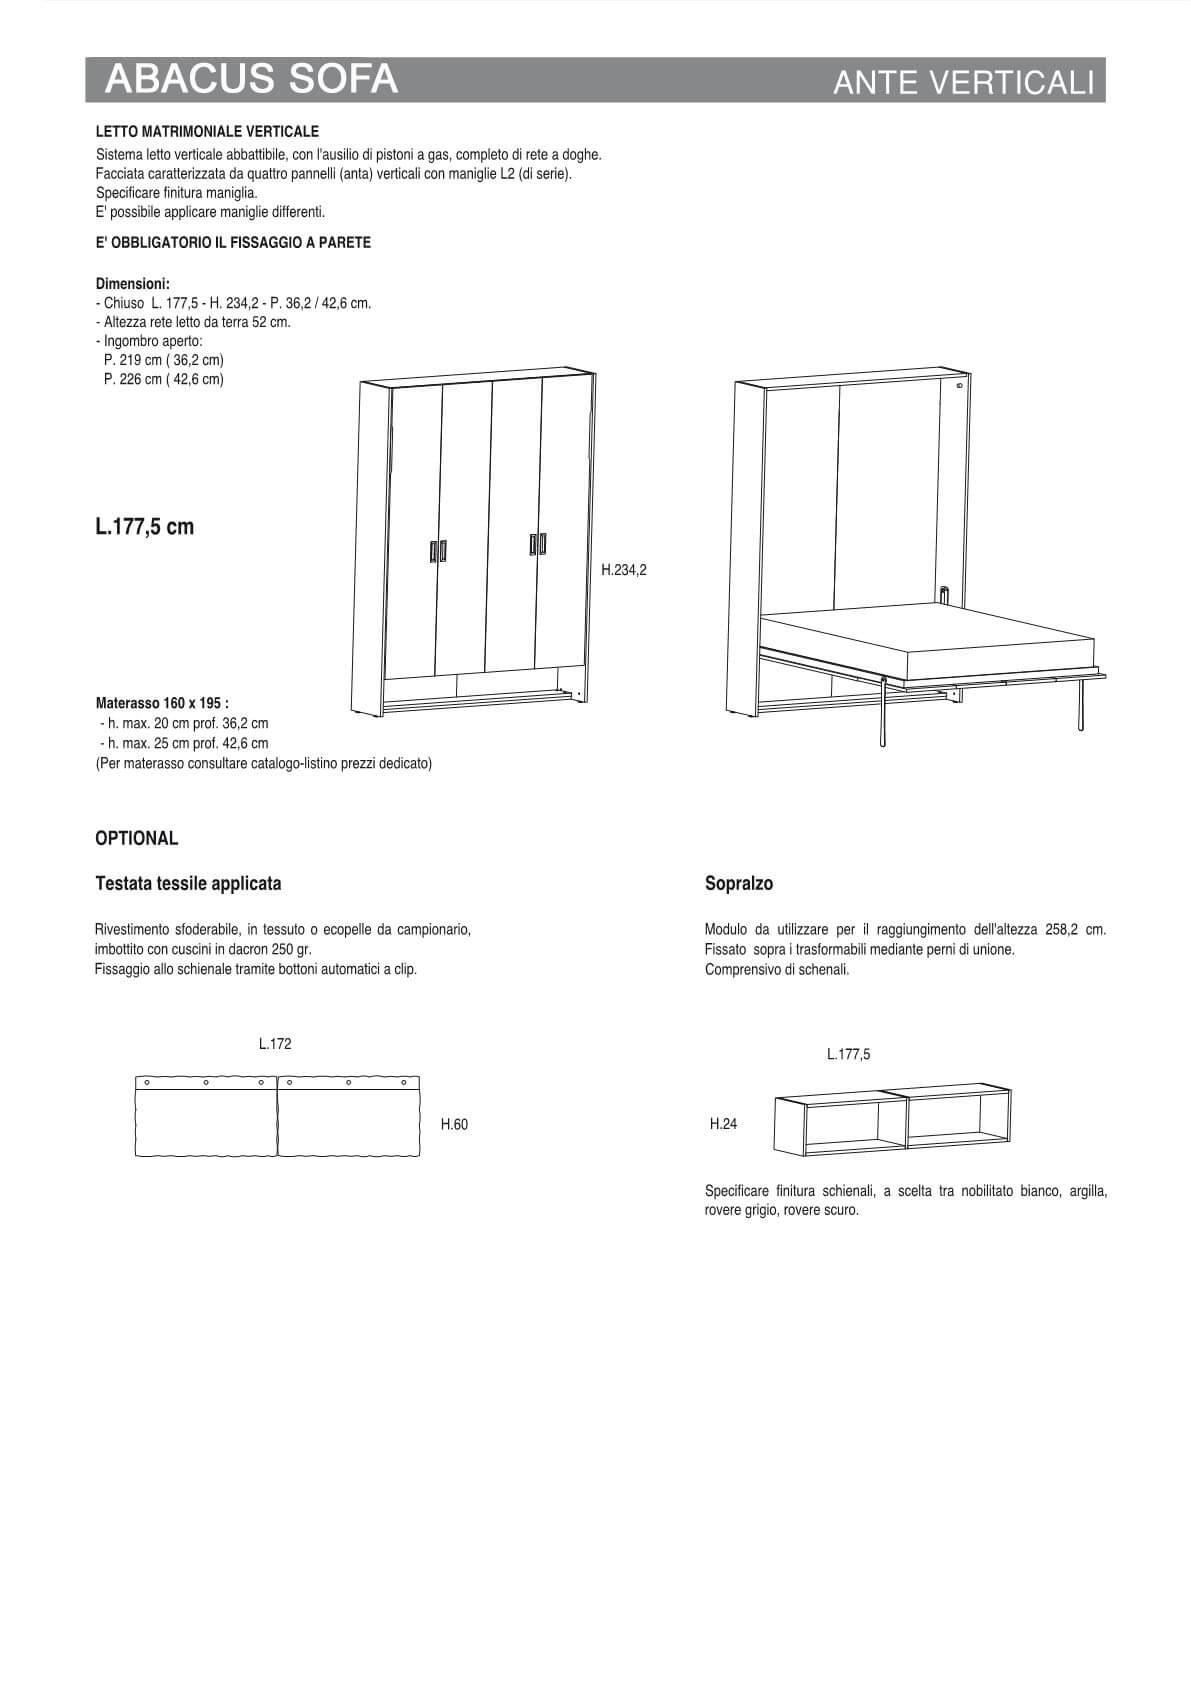 Letto a Scomparsa Abacus Ante Verticali Componibile con e senza sofà